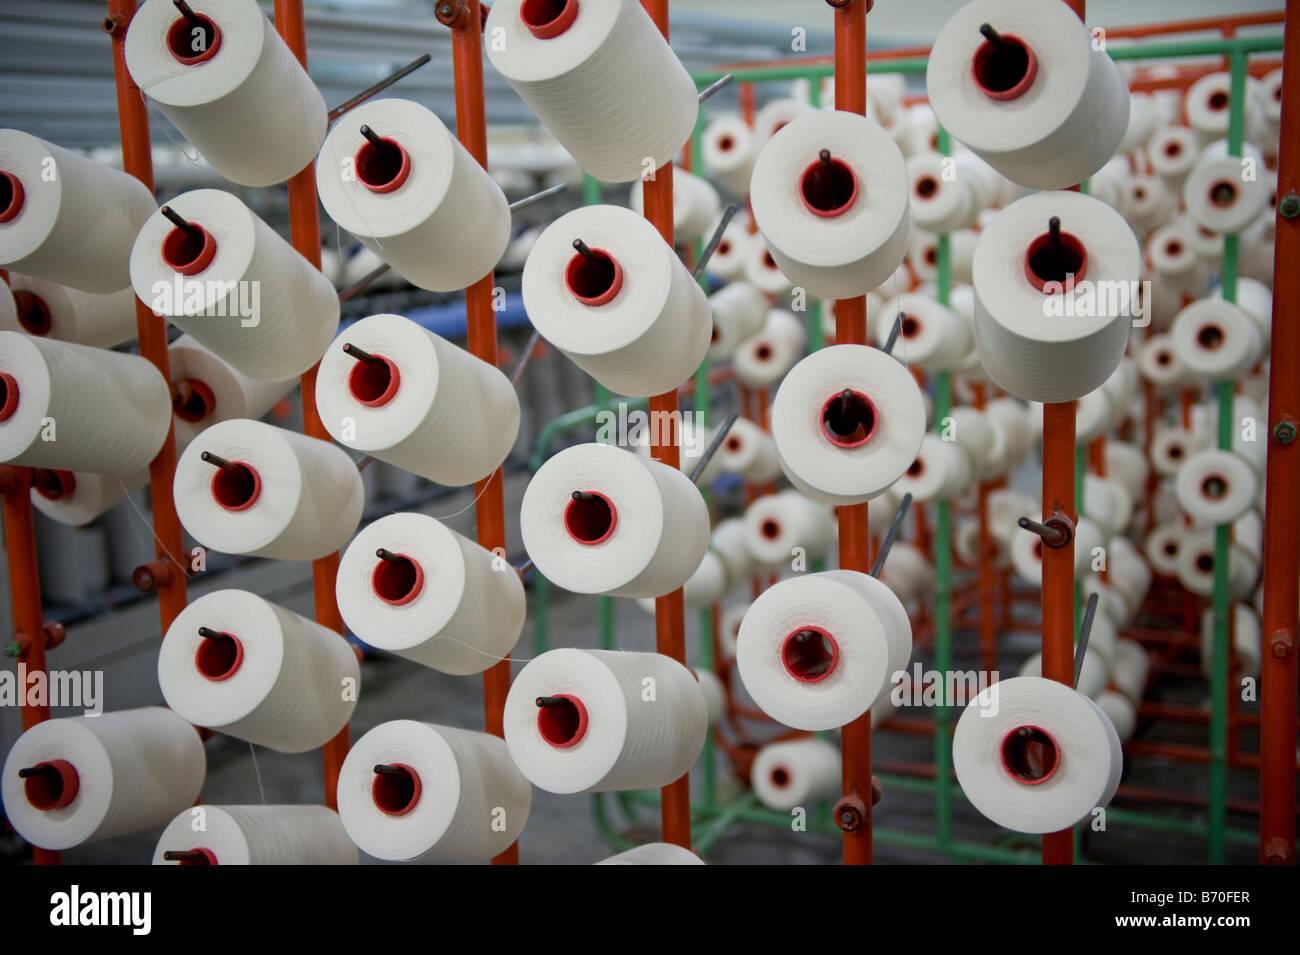 Indien Indore, Textilfabrik produzieren, Garn und Gewebe aus Fairtrade-Baumwolle Stockbild